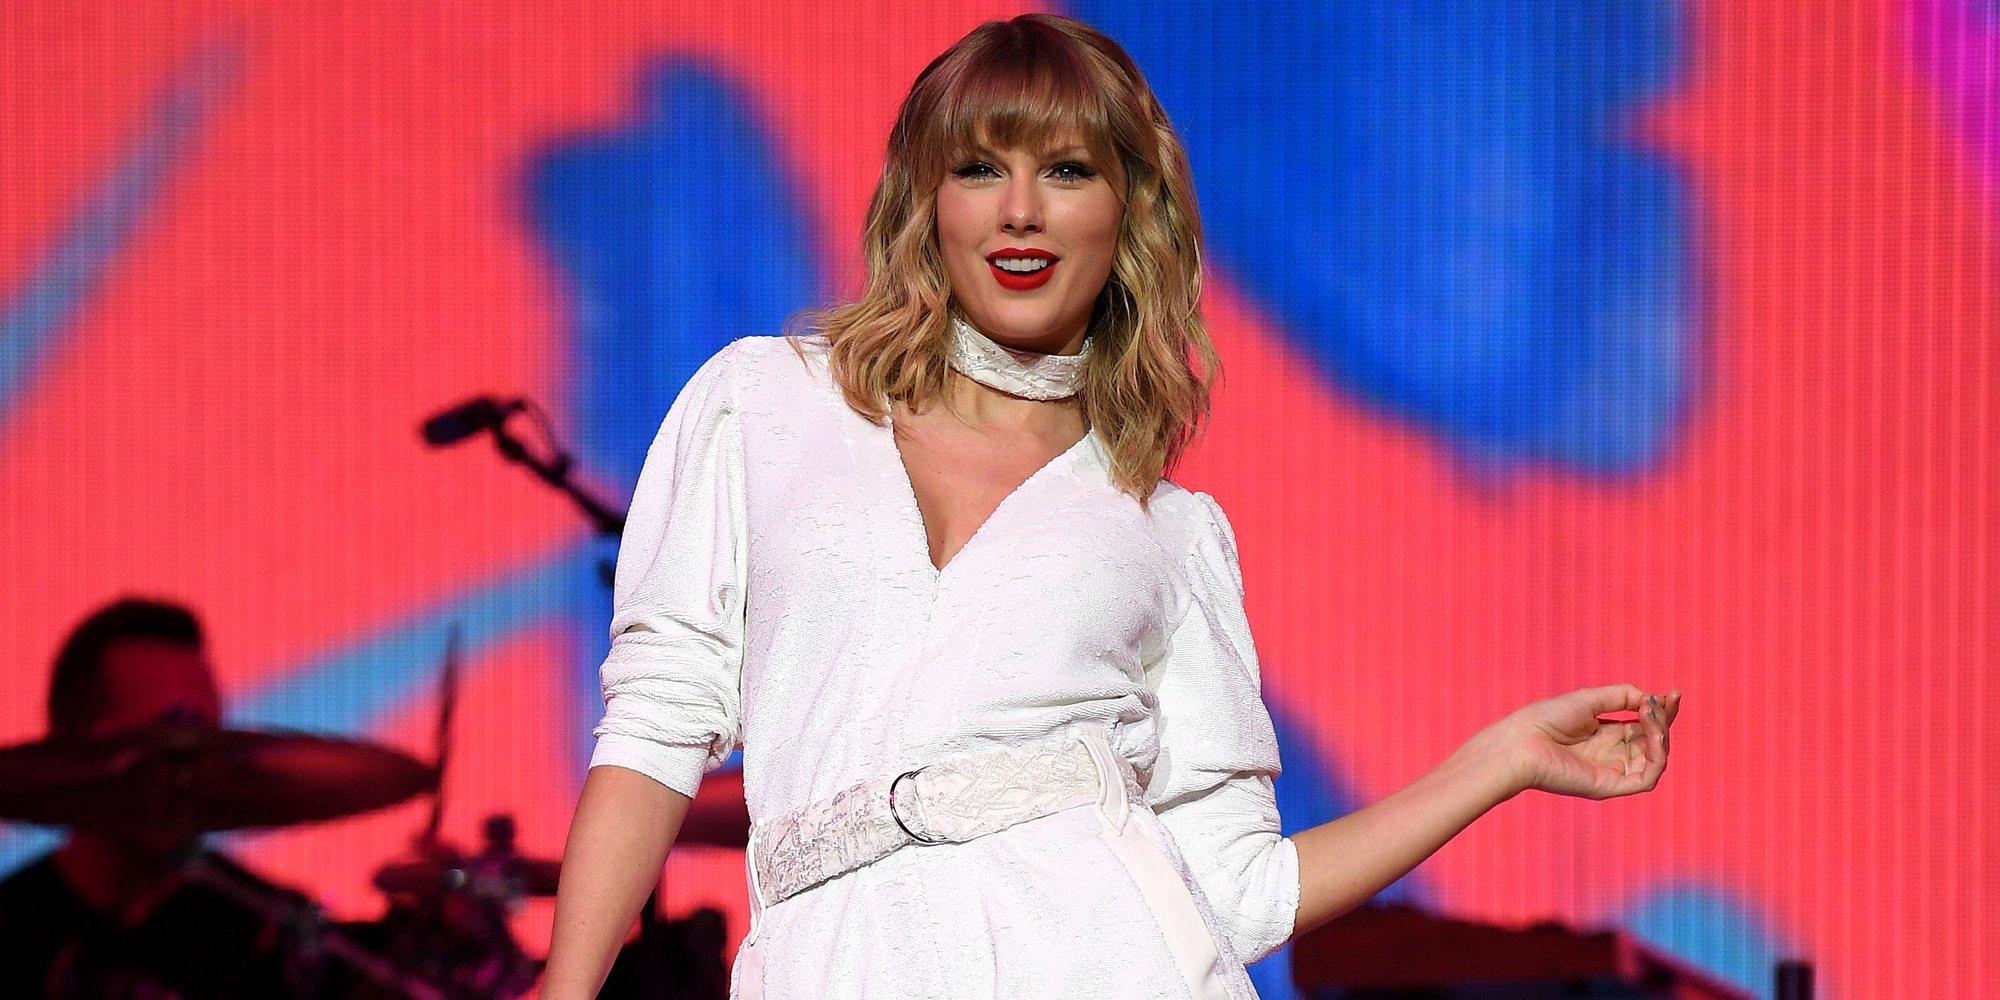 Las 17 canciones que han marcado la carrera musical de Taylor Swift